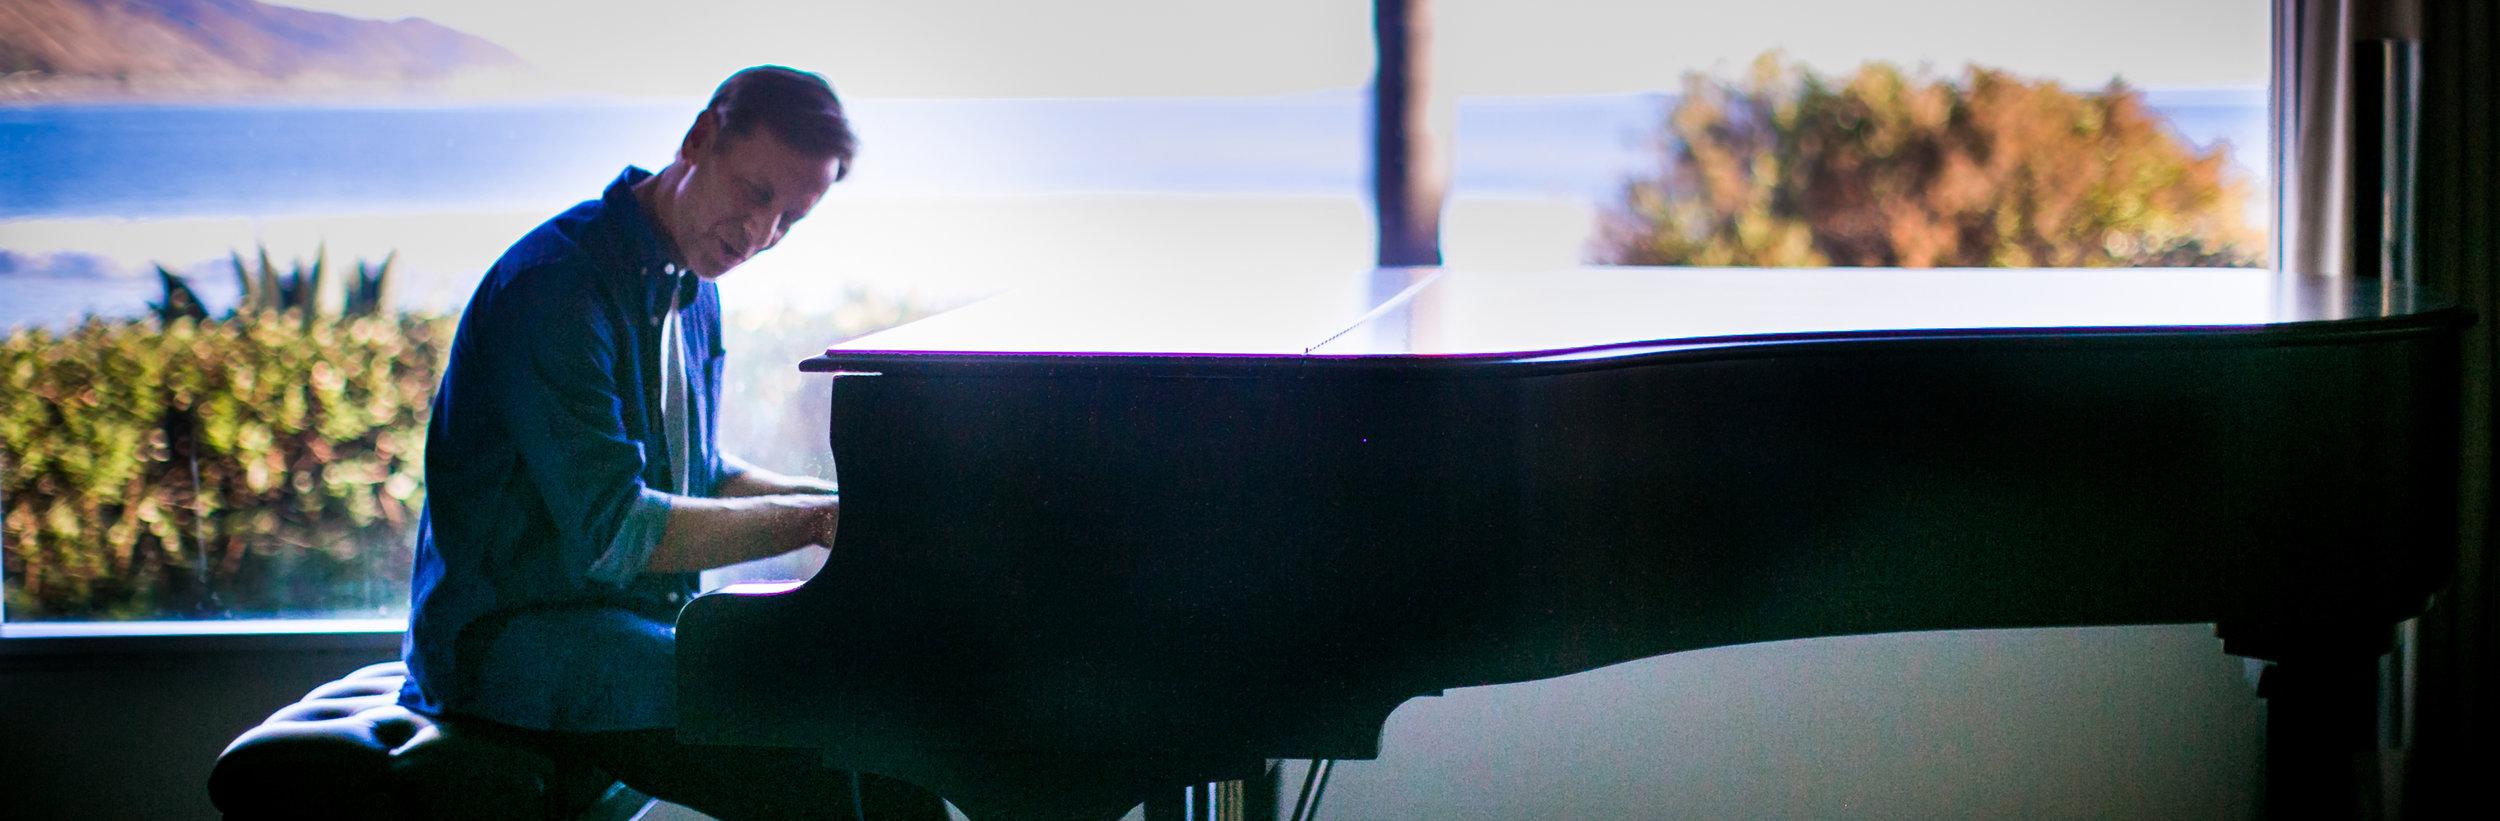 pete bio with piano.jpg